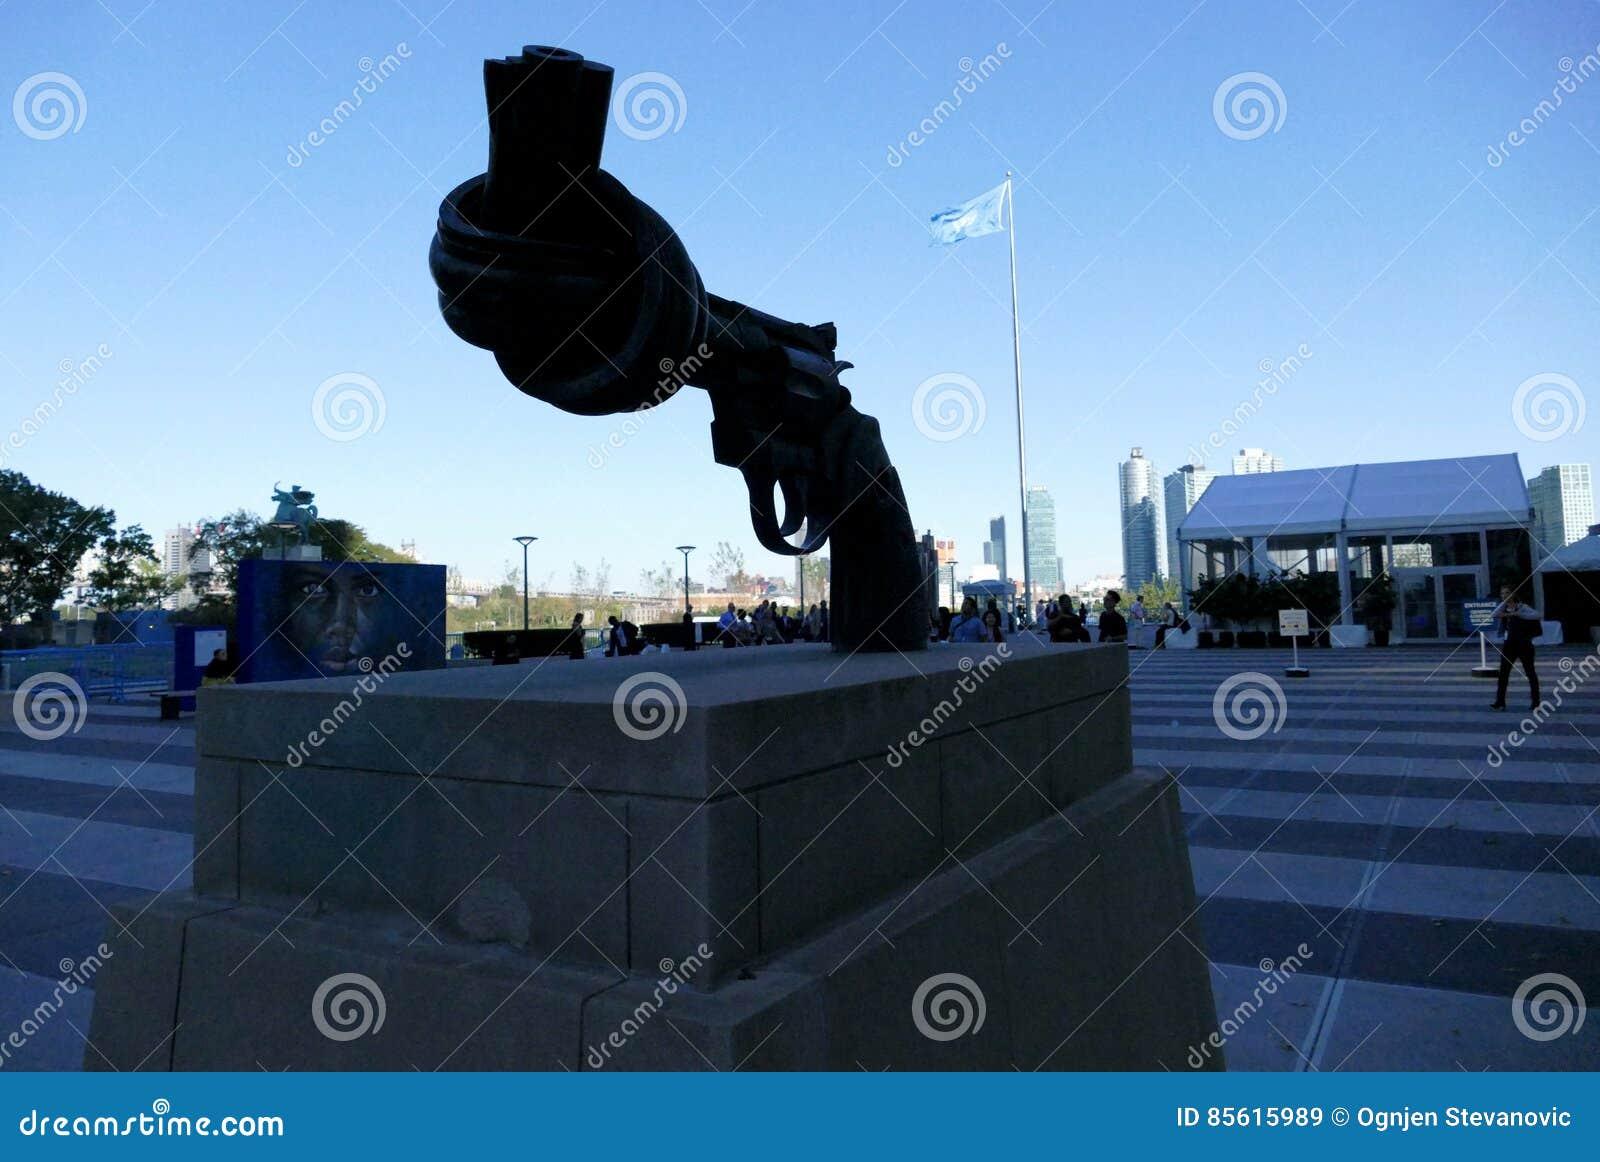 Скульптура ненасилия на штабах Организации Объединенных Наций в Нью-Йорке